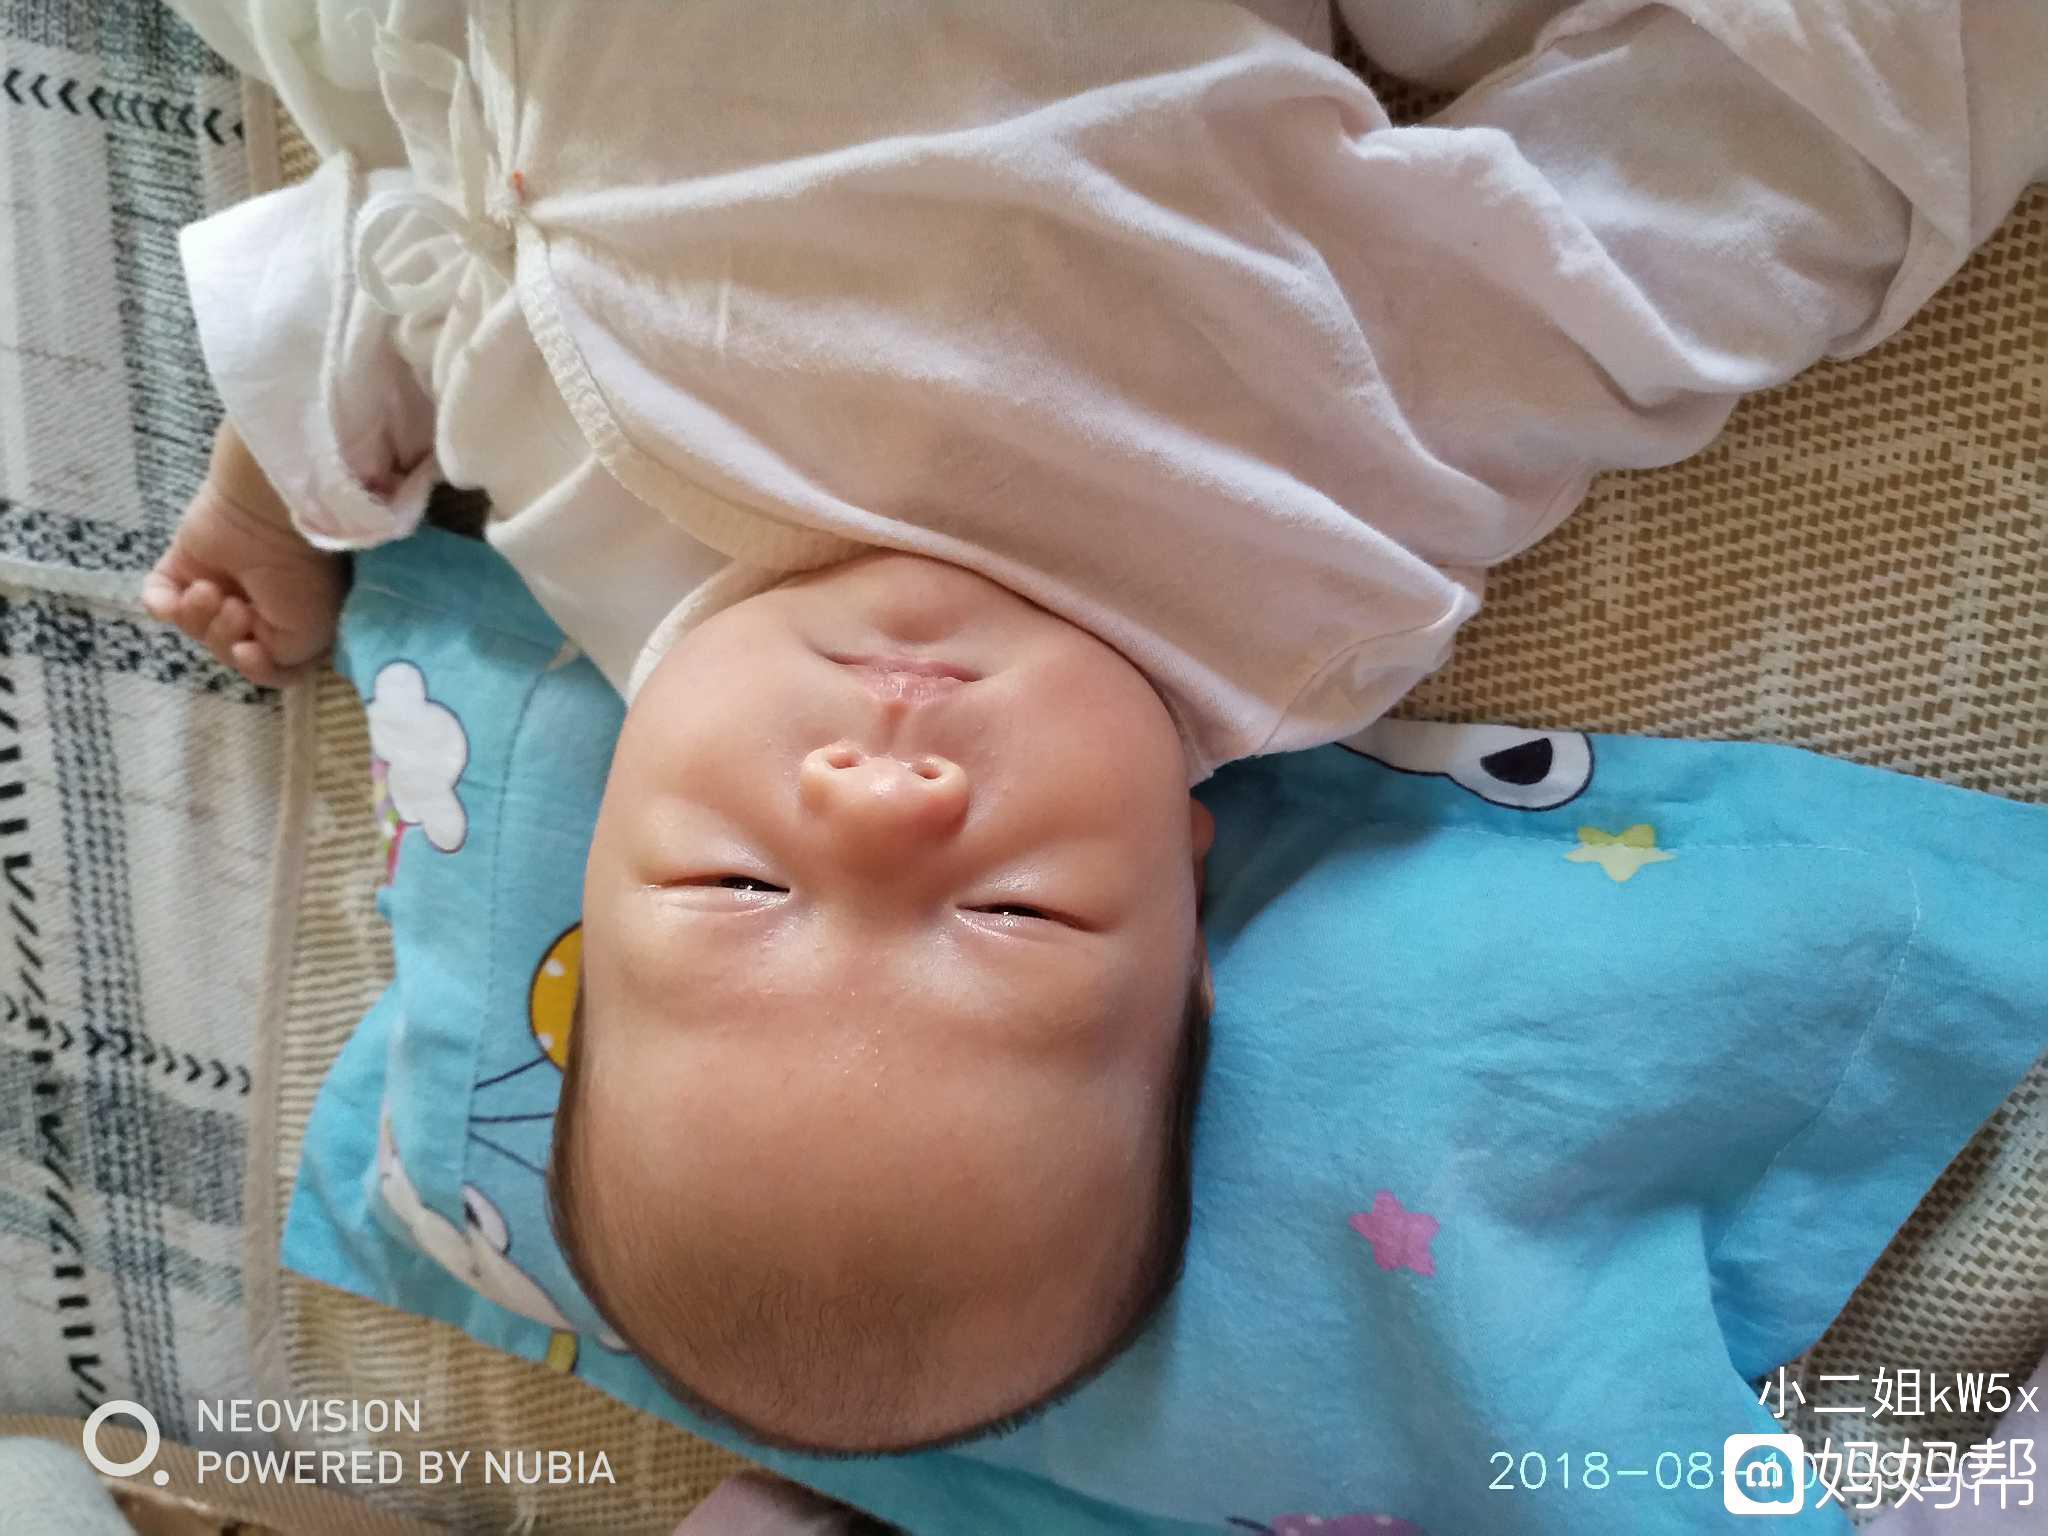 头型24天了从出生下来宝宝女生就有点短发发型美宝宝的点图片